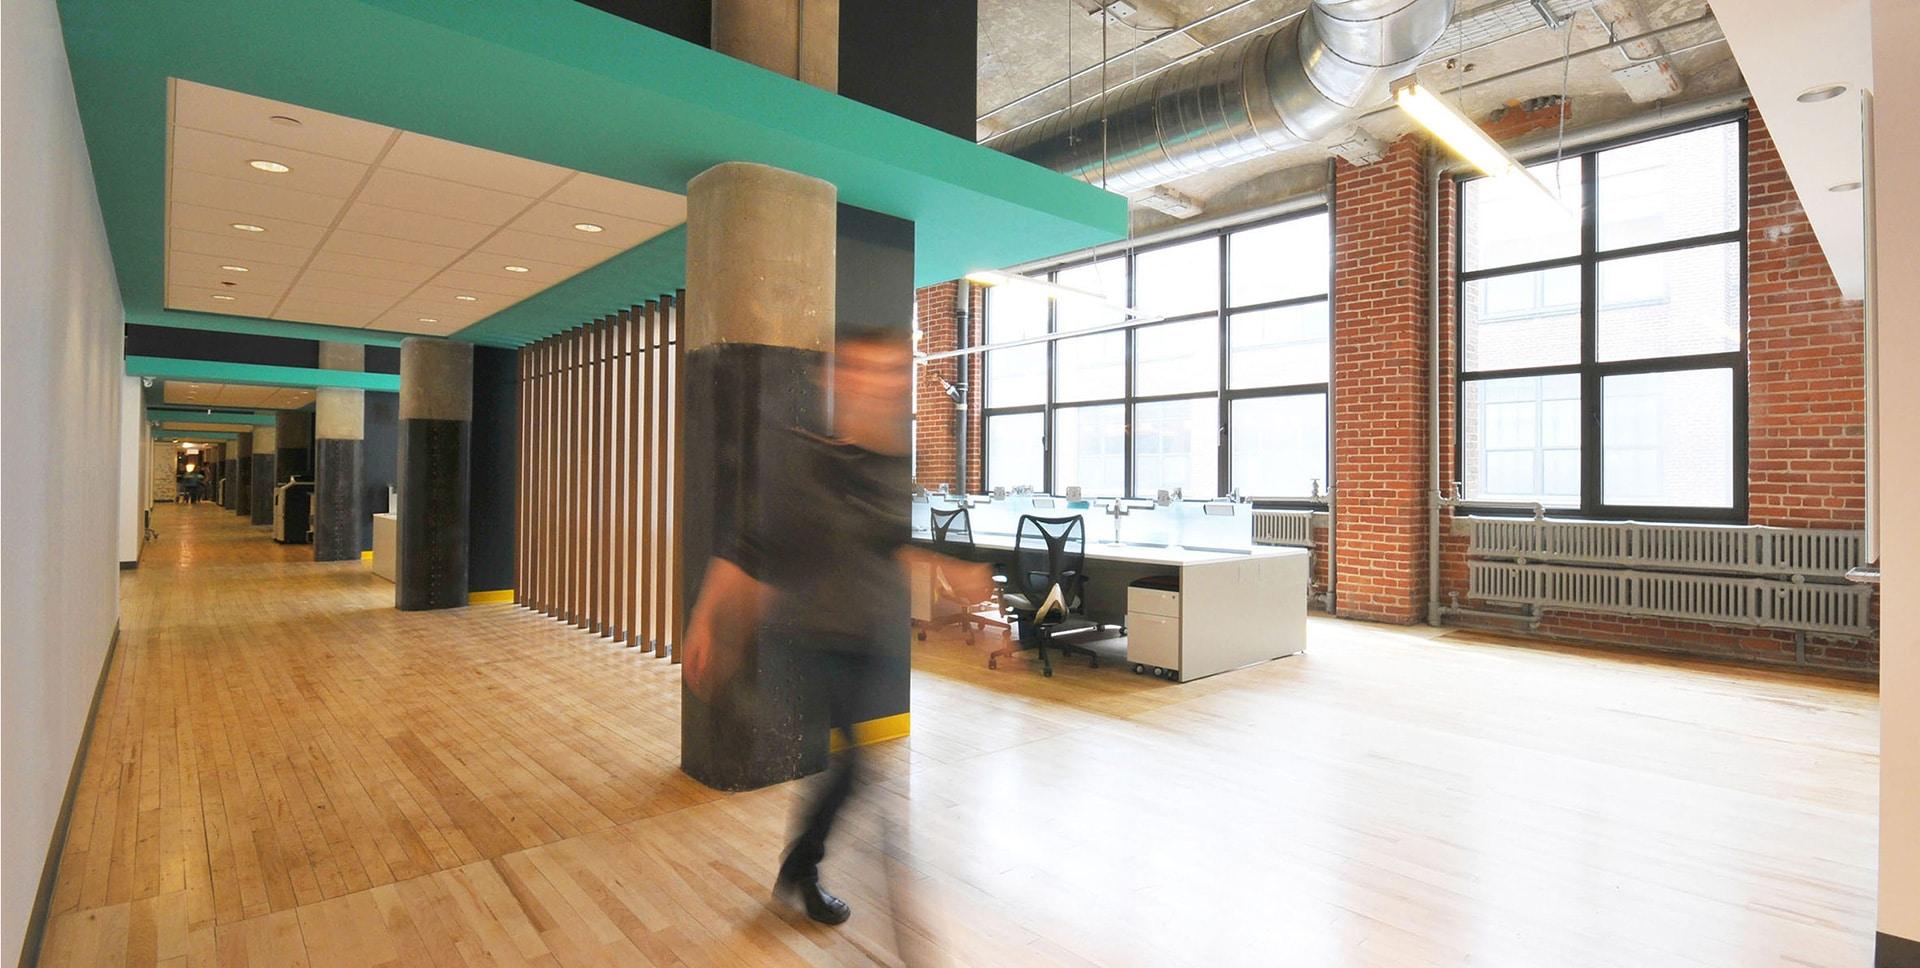 Corridor et postes aux bureaux de Mediative par VAD Designers